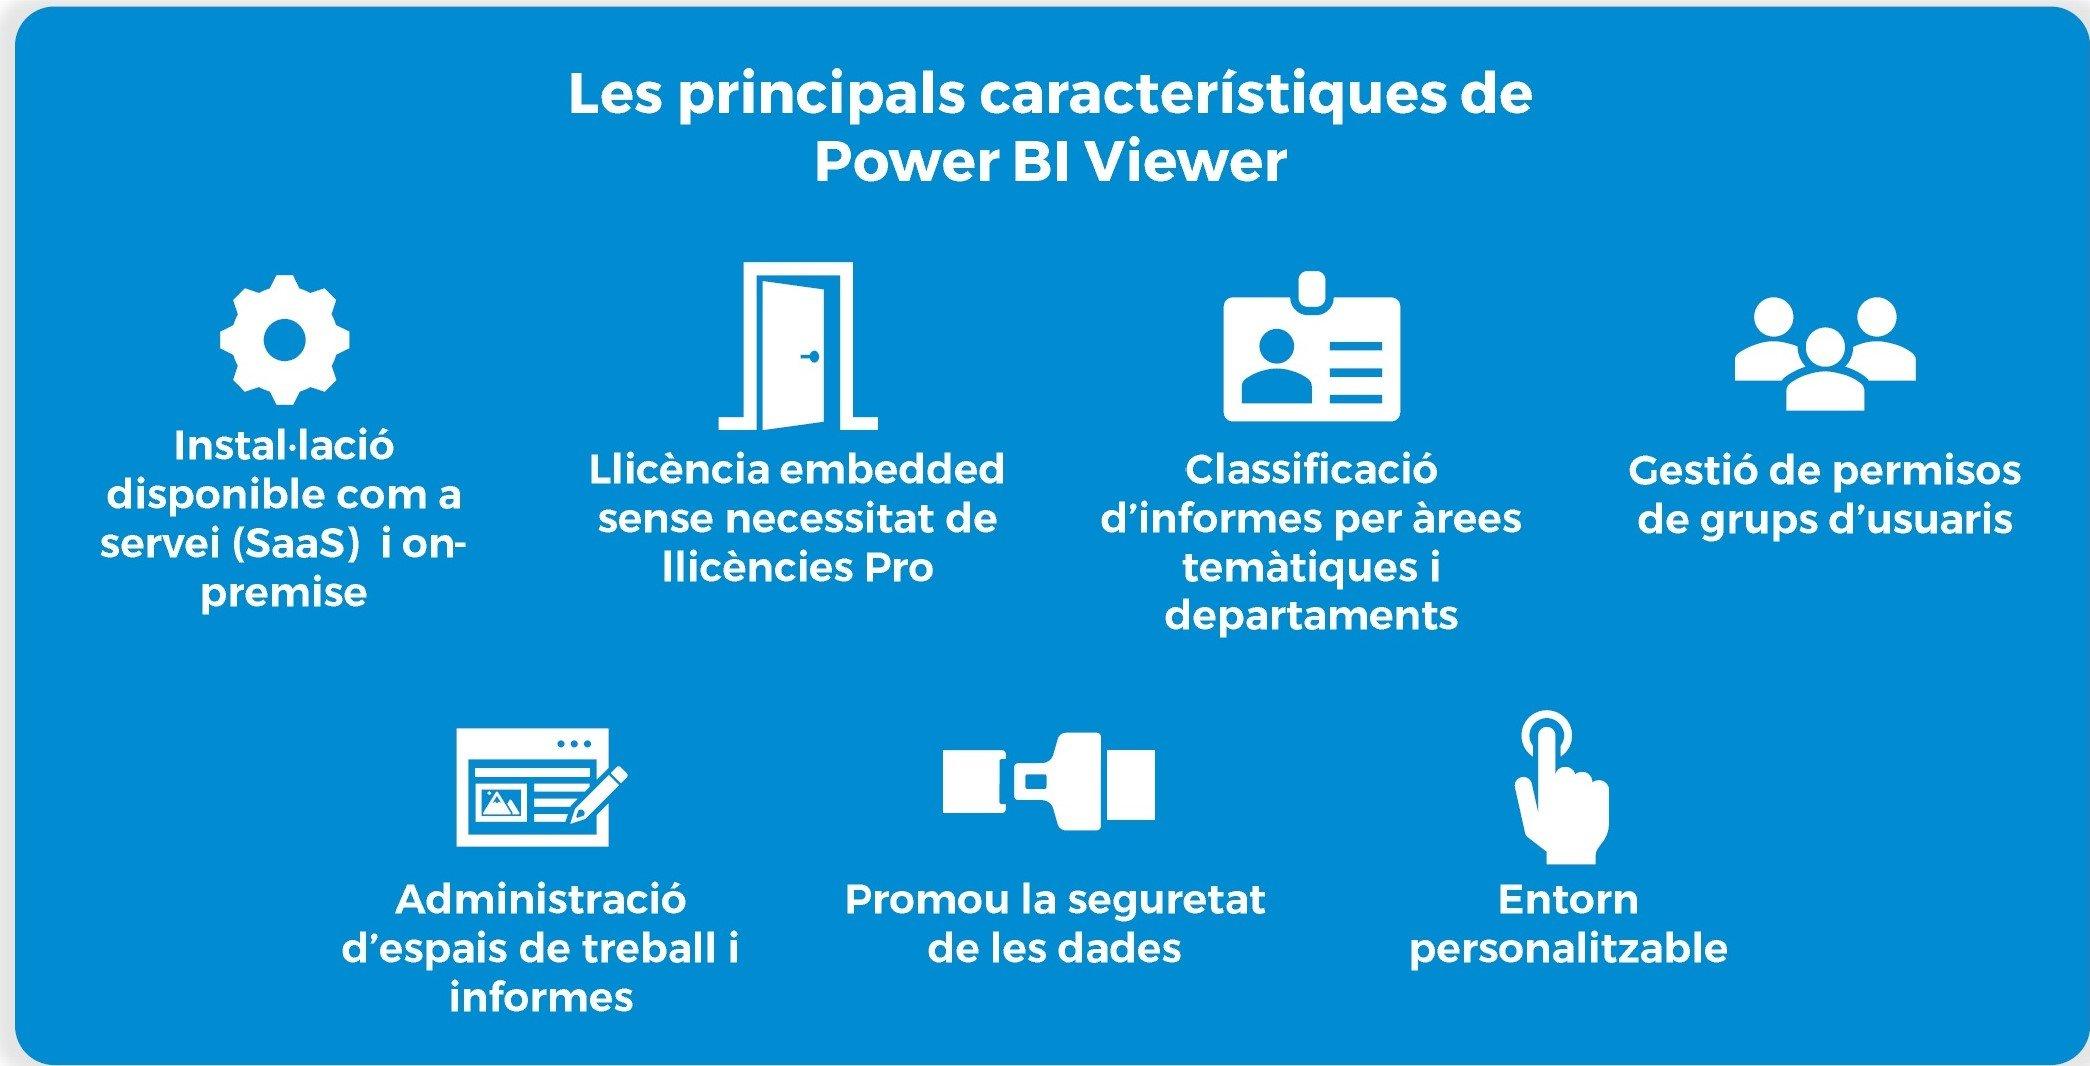 característiques-power-bi-viewer